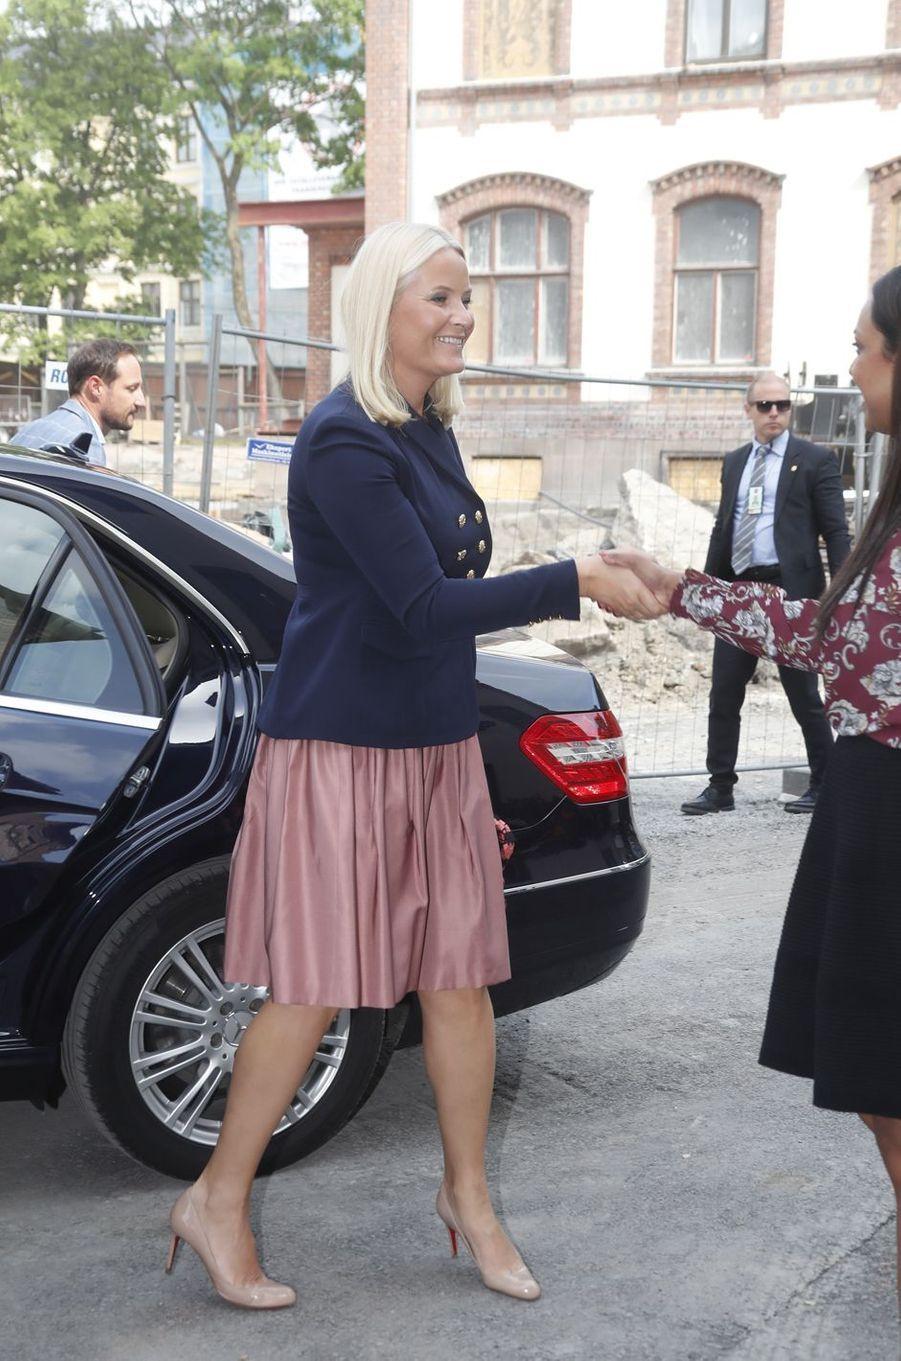 La princesse Mette-Marit de Norvège à Oslo, le 29 mai 2017